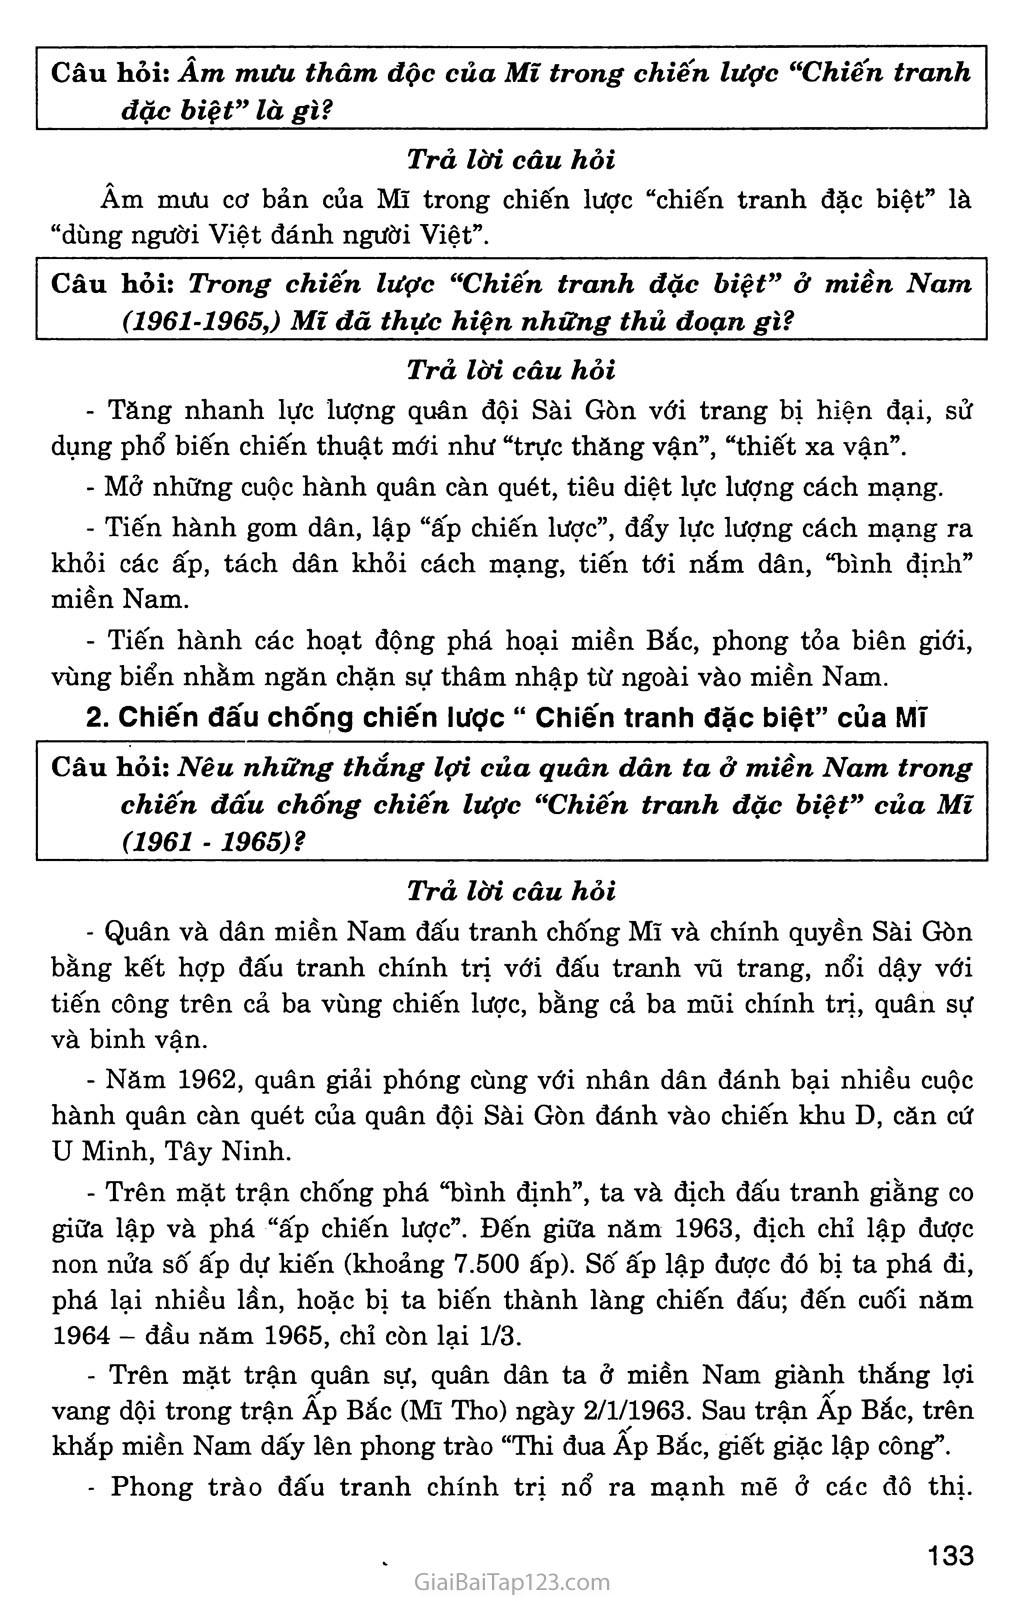 Bài 28: Xây dựng chủ nghĩa xã hội ở miền Bắc, đấu tranh chống đế quốc Mĩ và chính quyền Sài Gòn ở miền Nam (1954 - 1965) trang 9